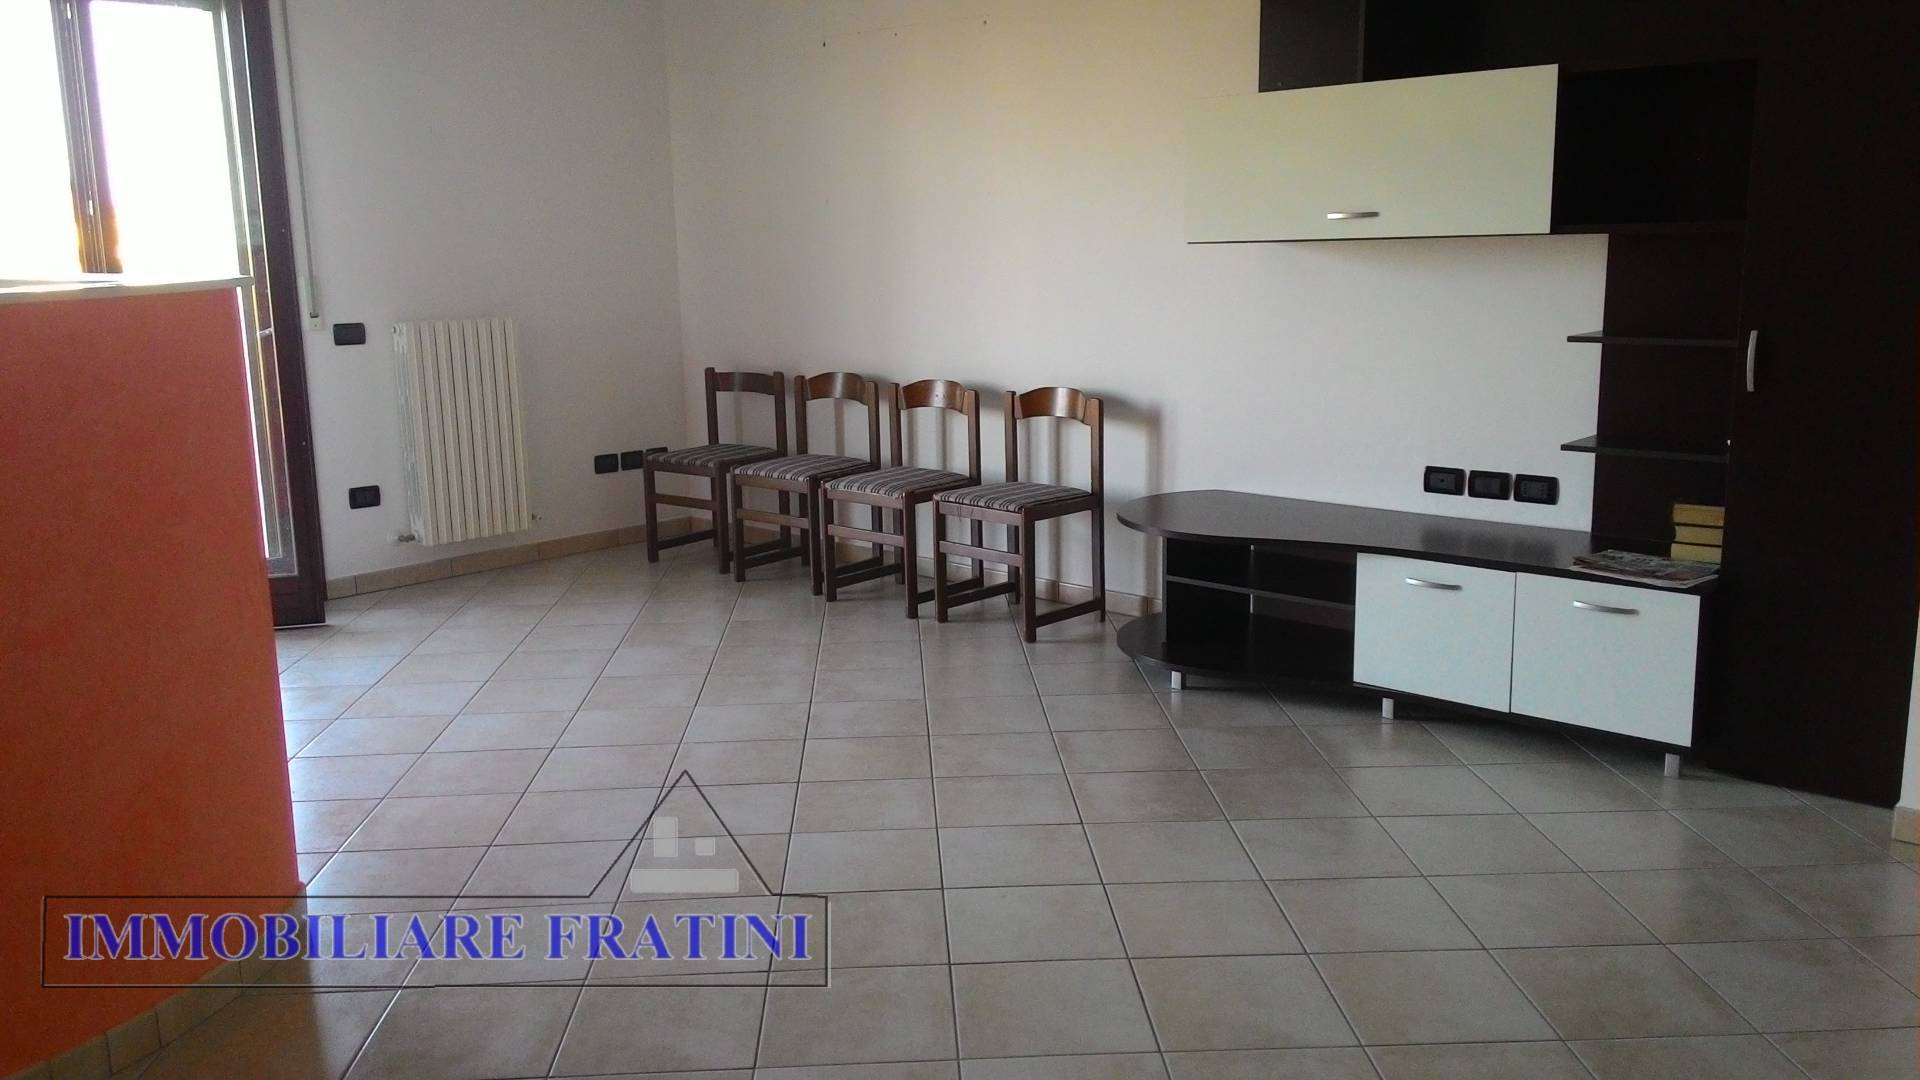 Appartamento in vendita Rocche Ancarano